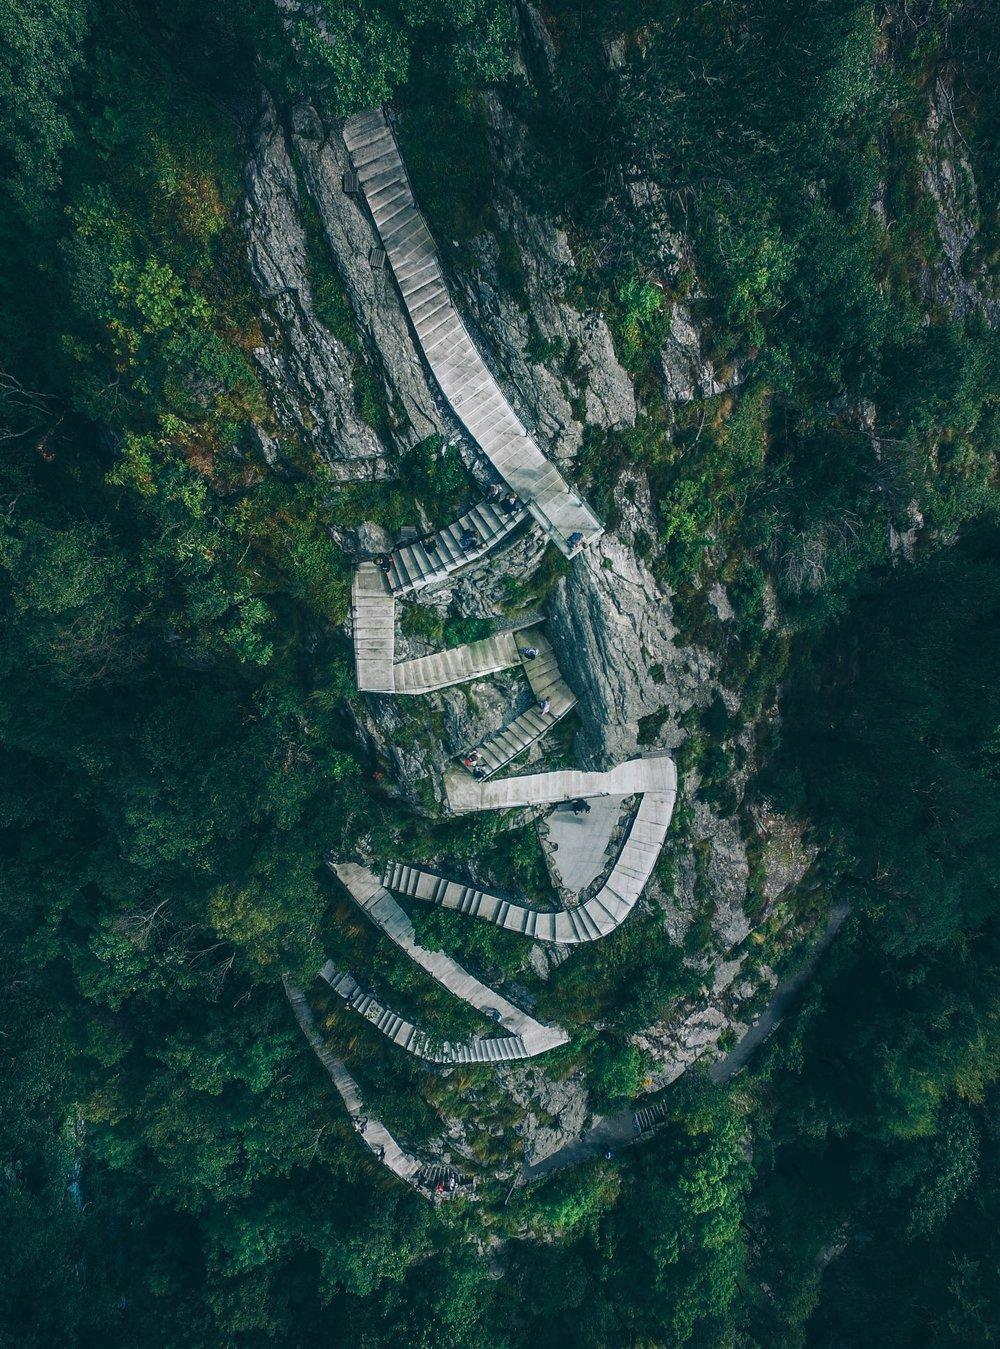 Stap voor stap ziet zo'n berg er best wel haalbaar uit,niet?